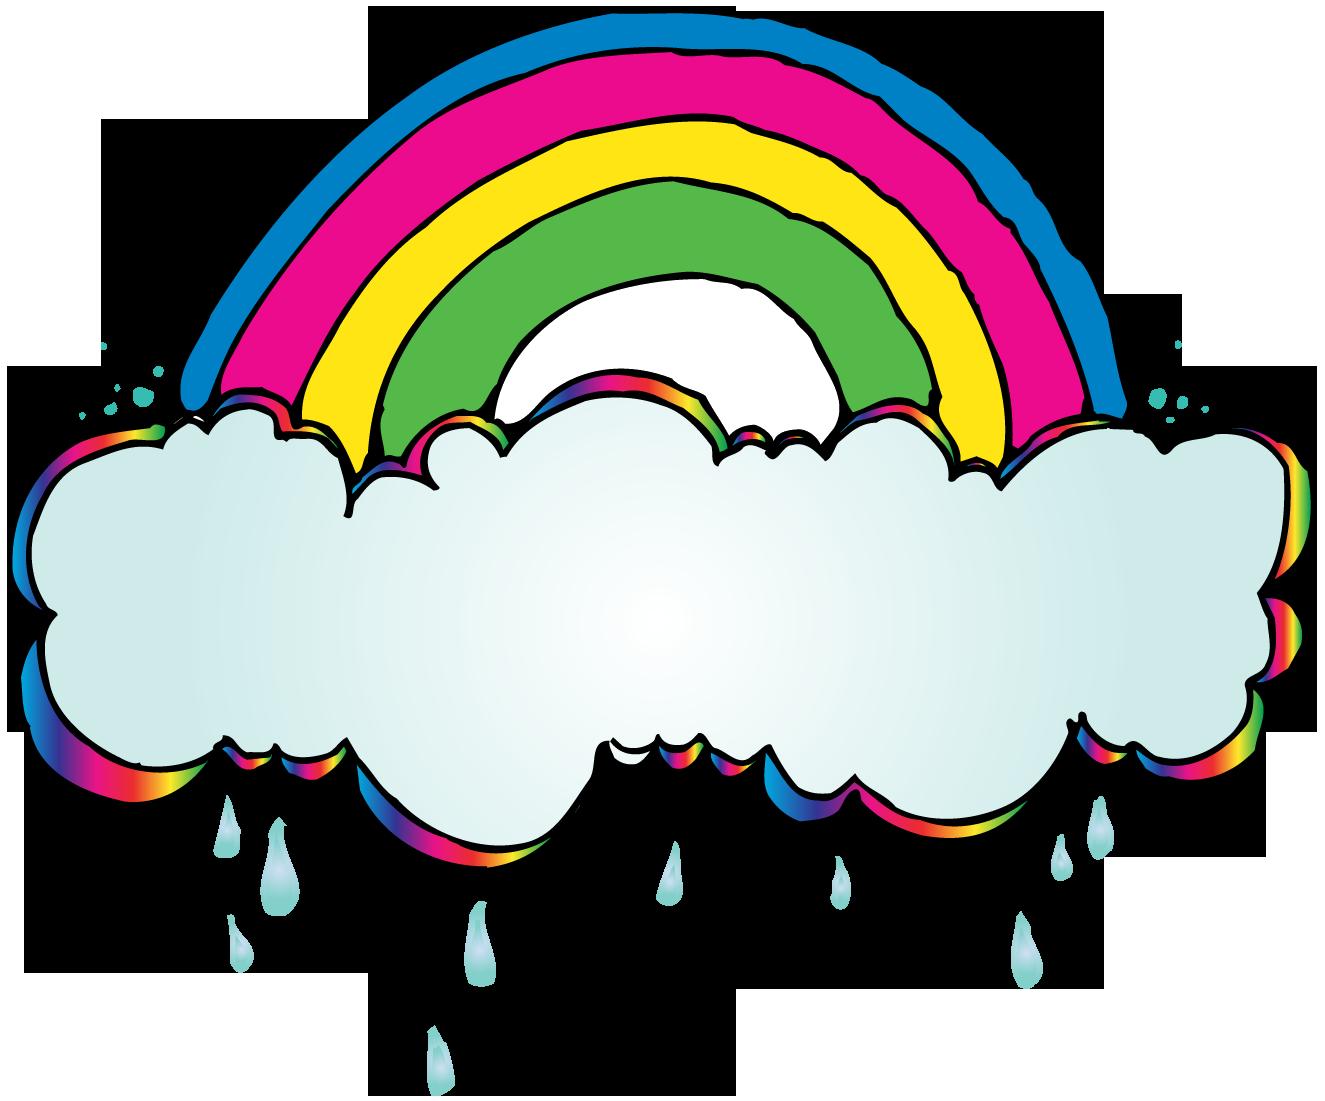 1325x1101 Rainbow Clipart Doodle